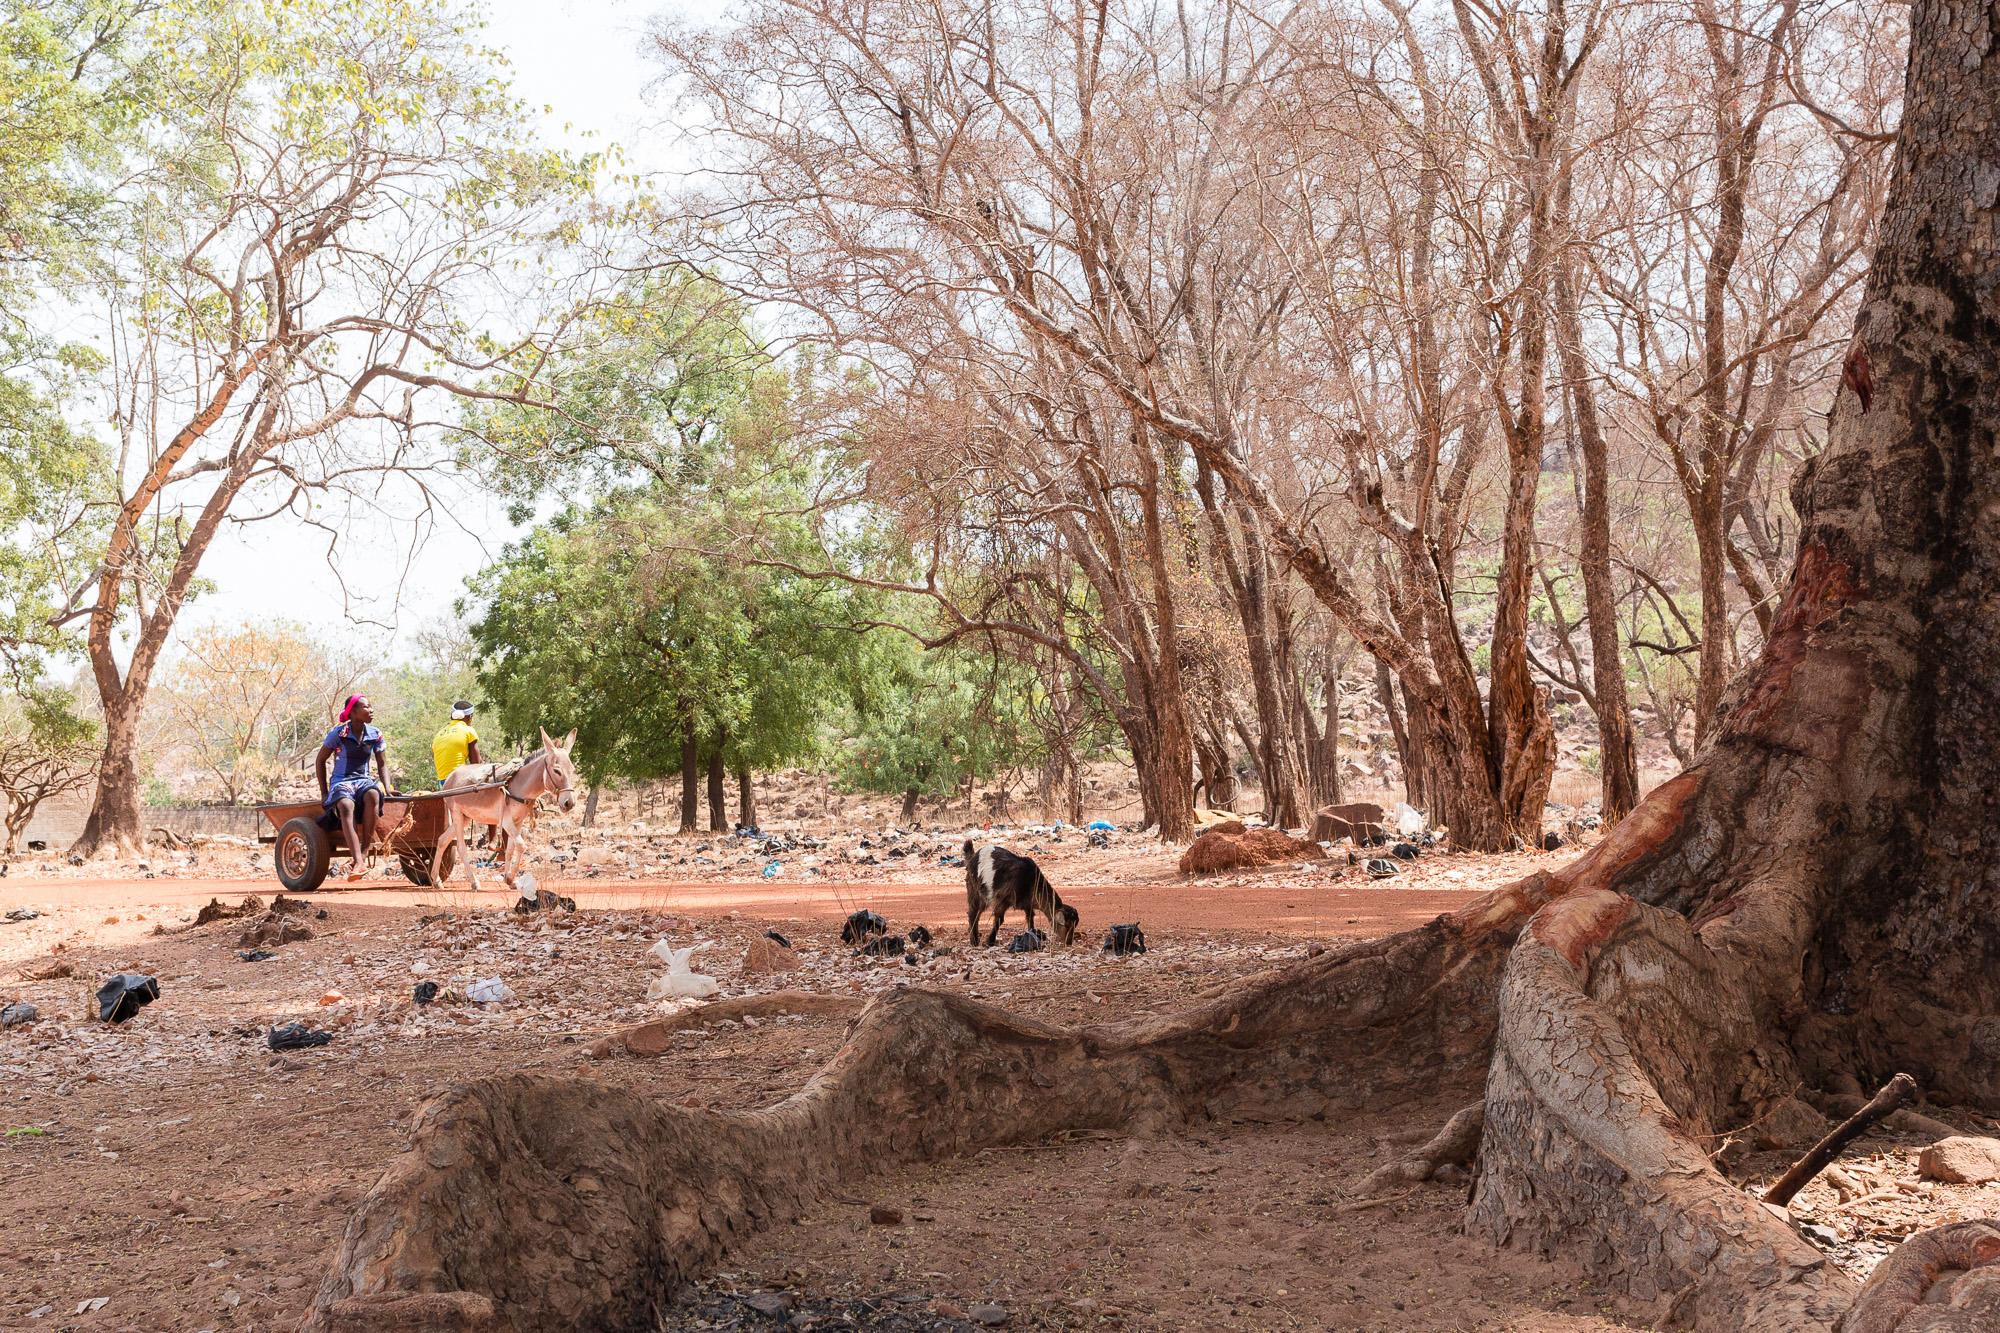 Couple sur une carriole tirée par âne paCouple sur une carriole tirée par âne passant devant les grosses racines d'un arbre, Burkina Fasossant au pied des grosses racines d'un arbre